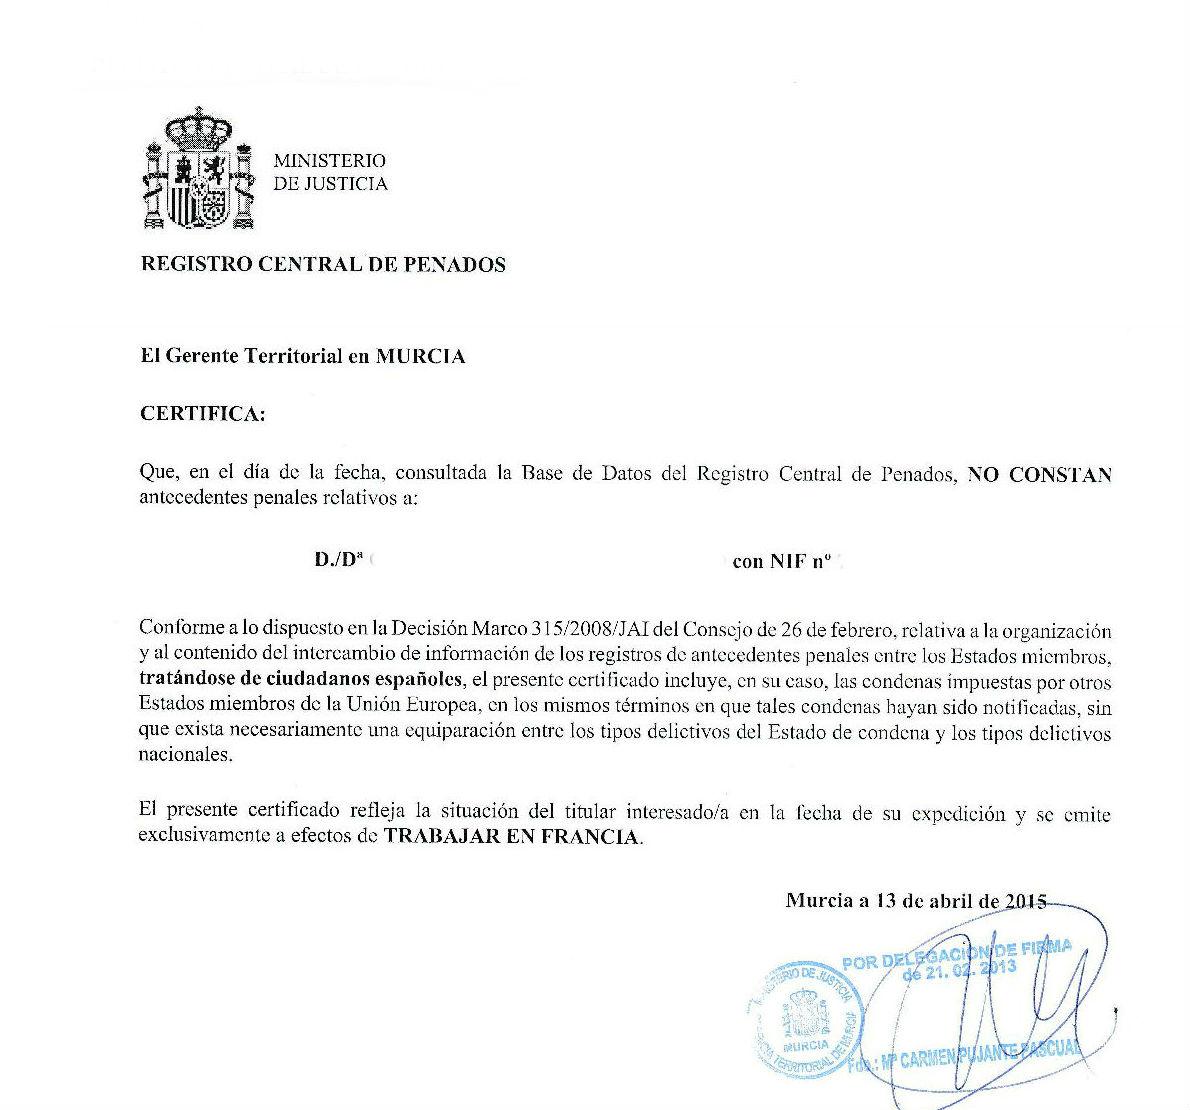 Certificado-de-Antecedentes-Penales..jpg